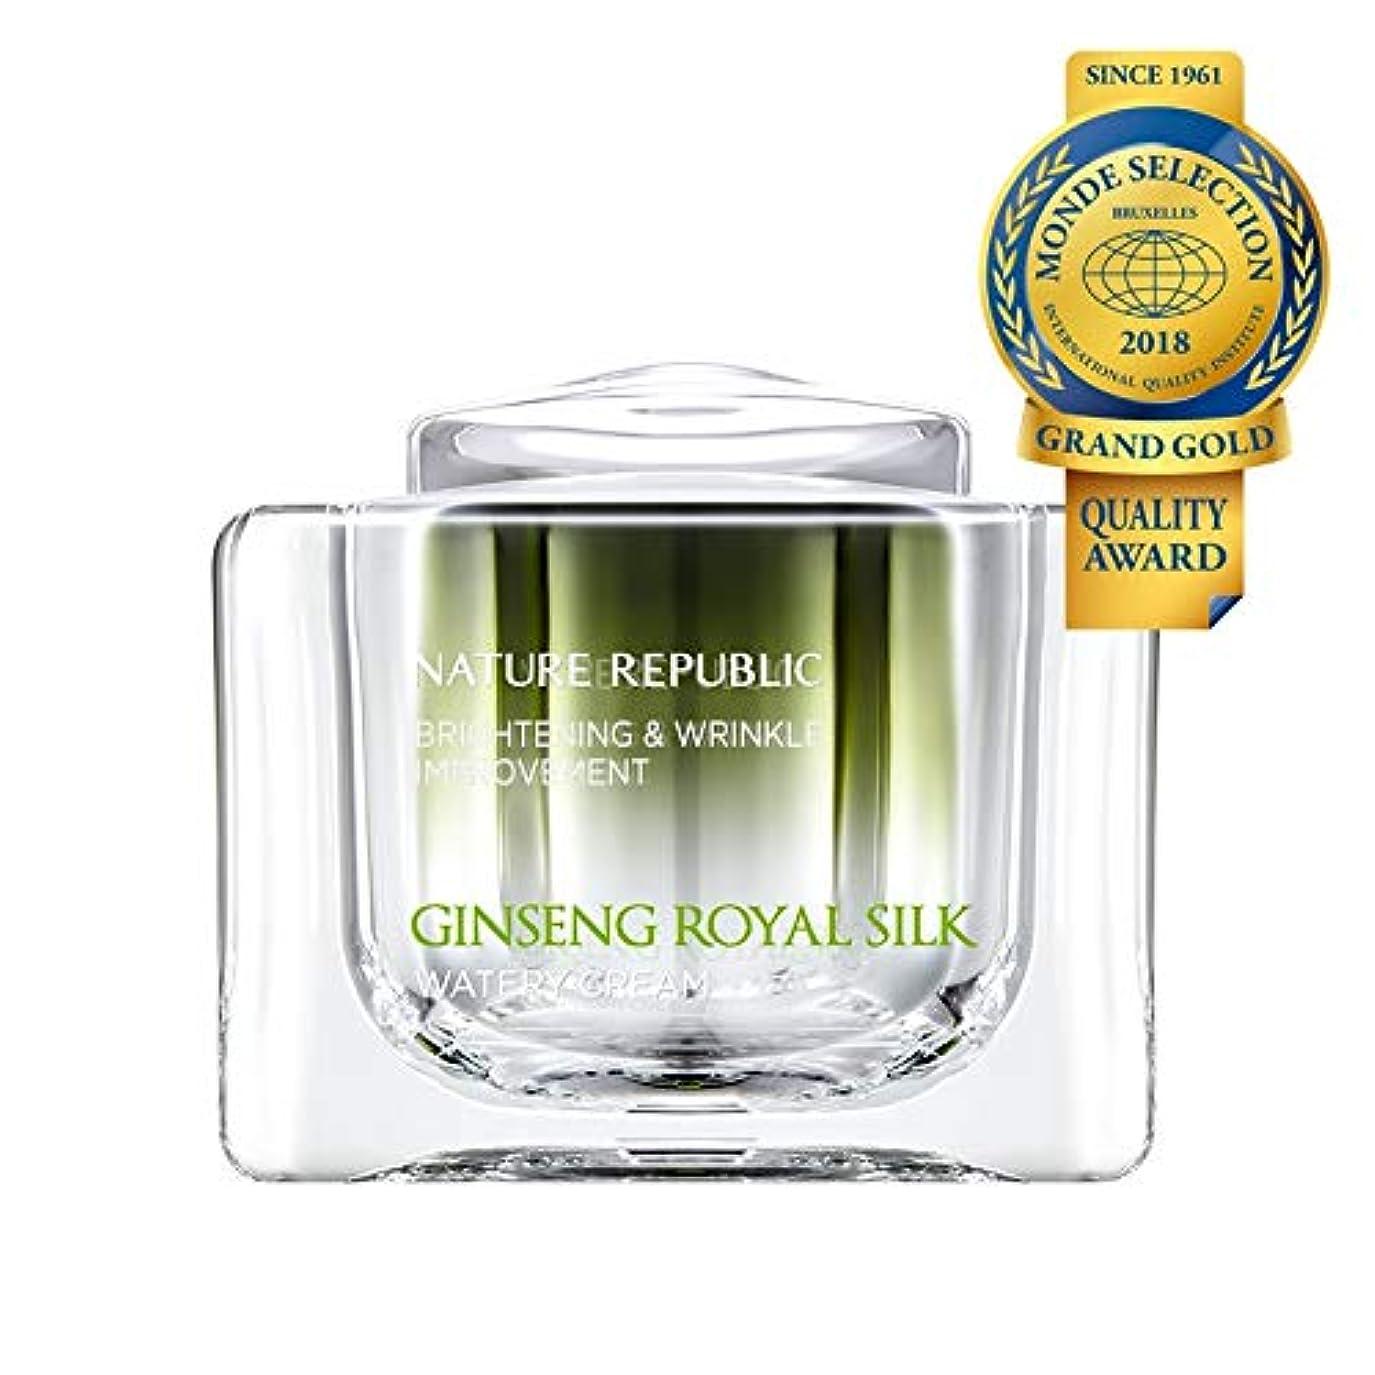 ずっと上に悪質なネイチャーリパブリック(Nature Republic)ジンセンロイヤルシルクウォーターリークリーム 60g / Ginseng Royal Silk Watery Cream 60g :: 韓国コスメ [並行輸入品]